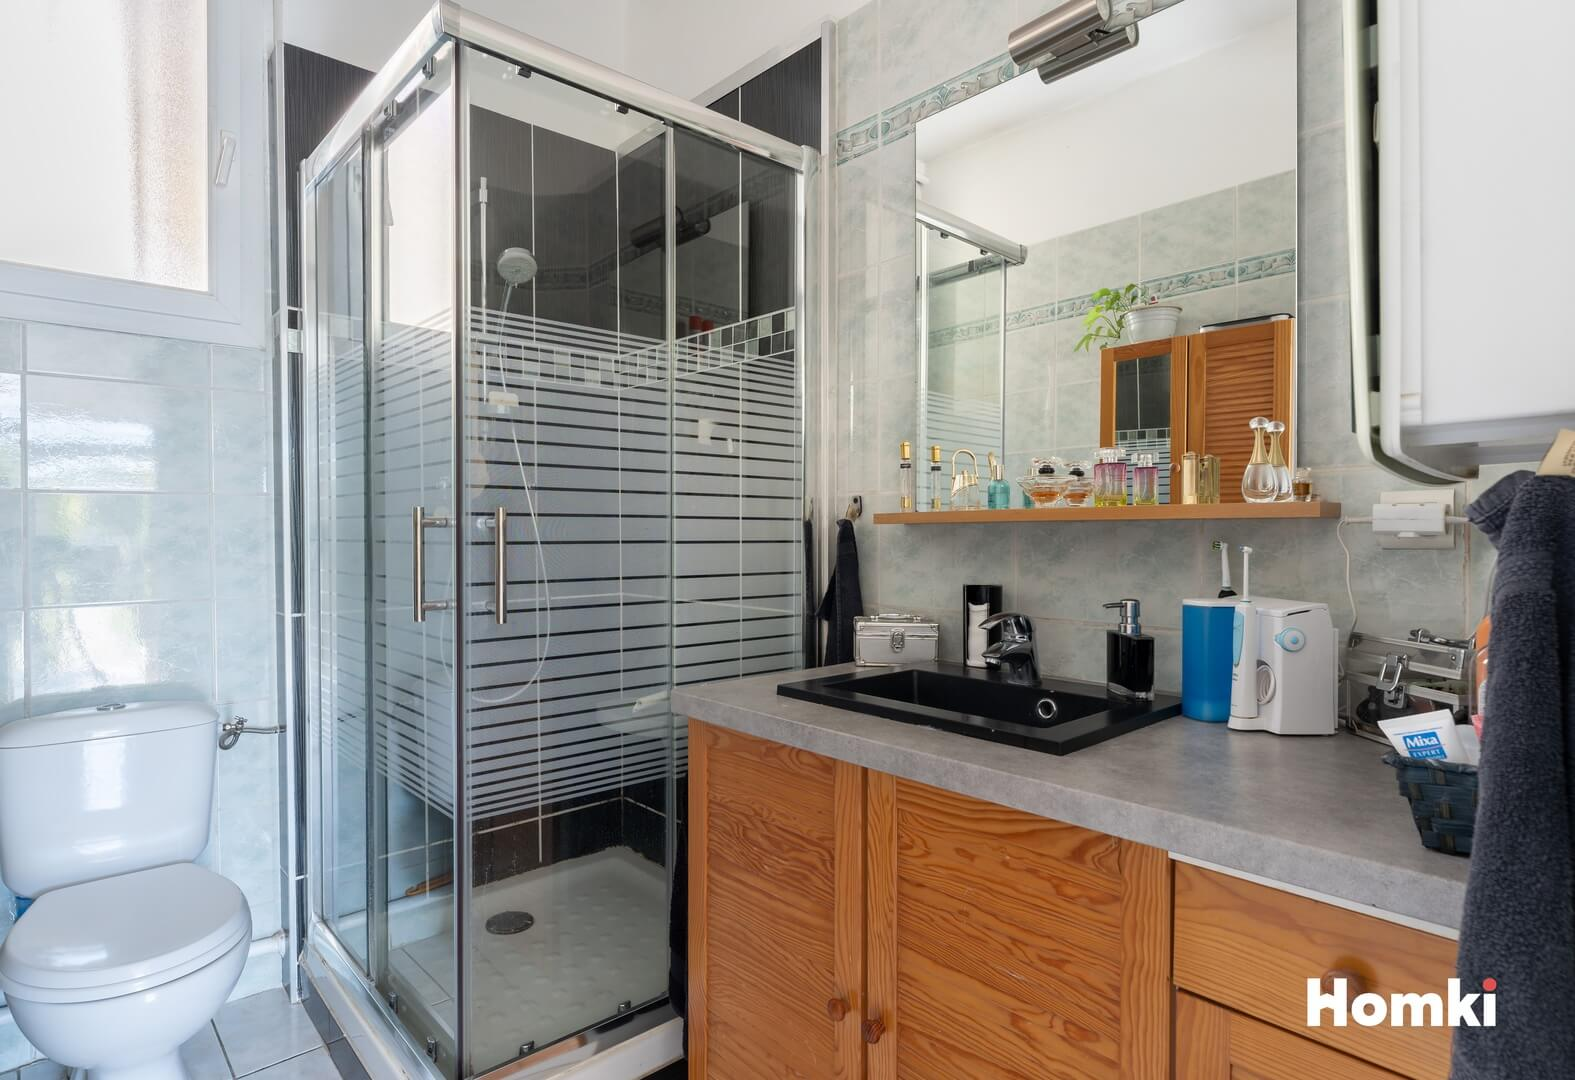 Homki - Vente Maison/villa  de 65.0 m² à Marseille 13013